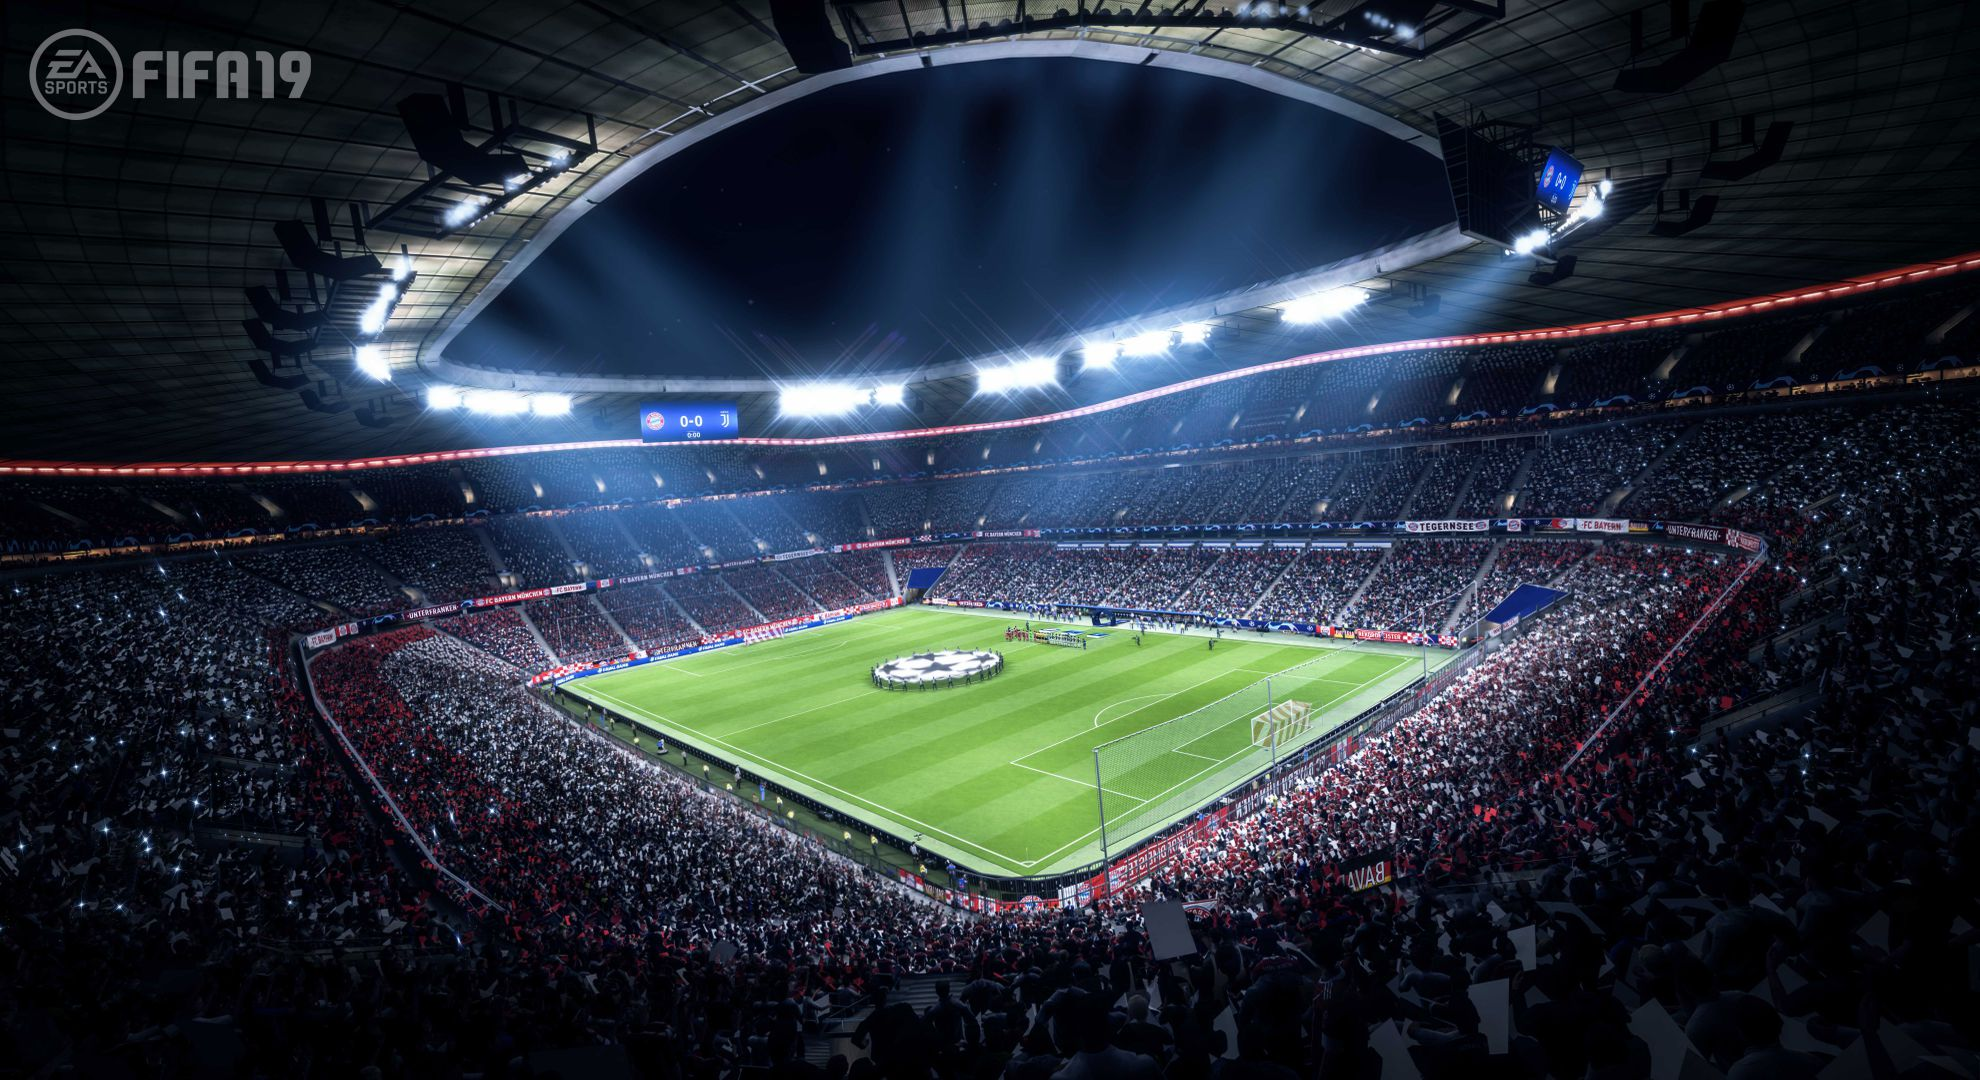 FIFA19_ALLIANZ_ARENA_BAYERN_GEN4_LORES_WM